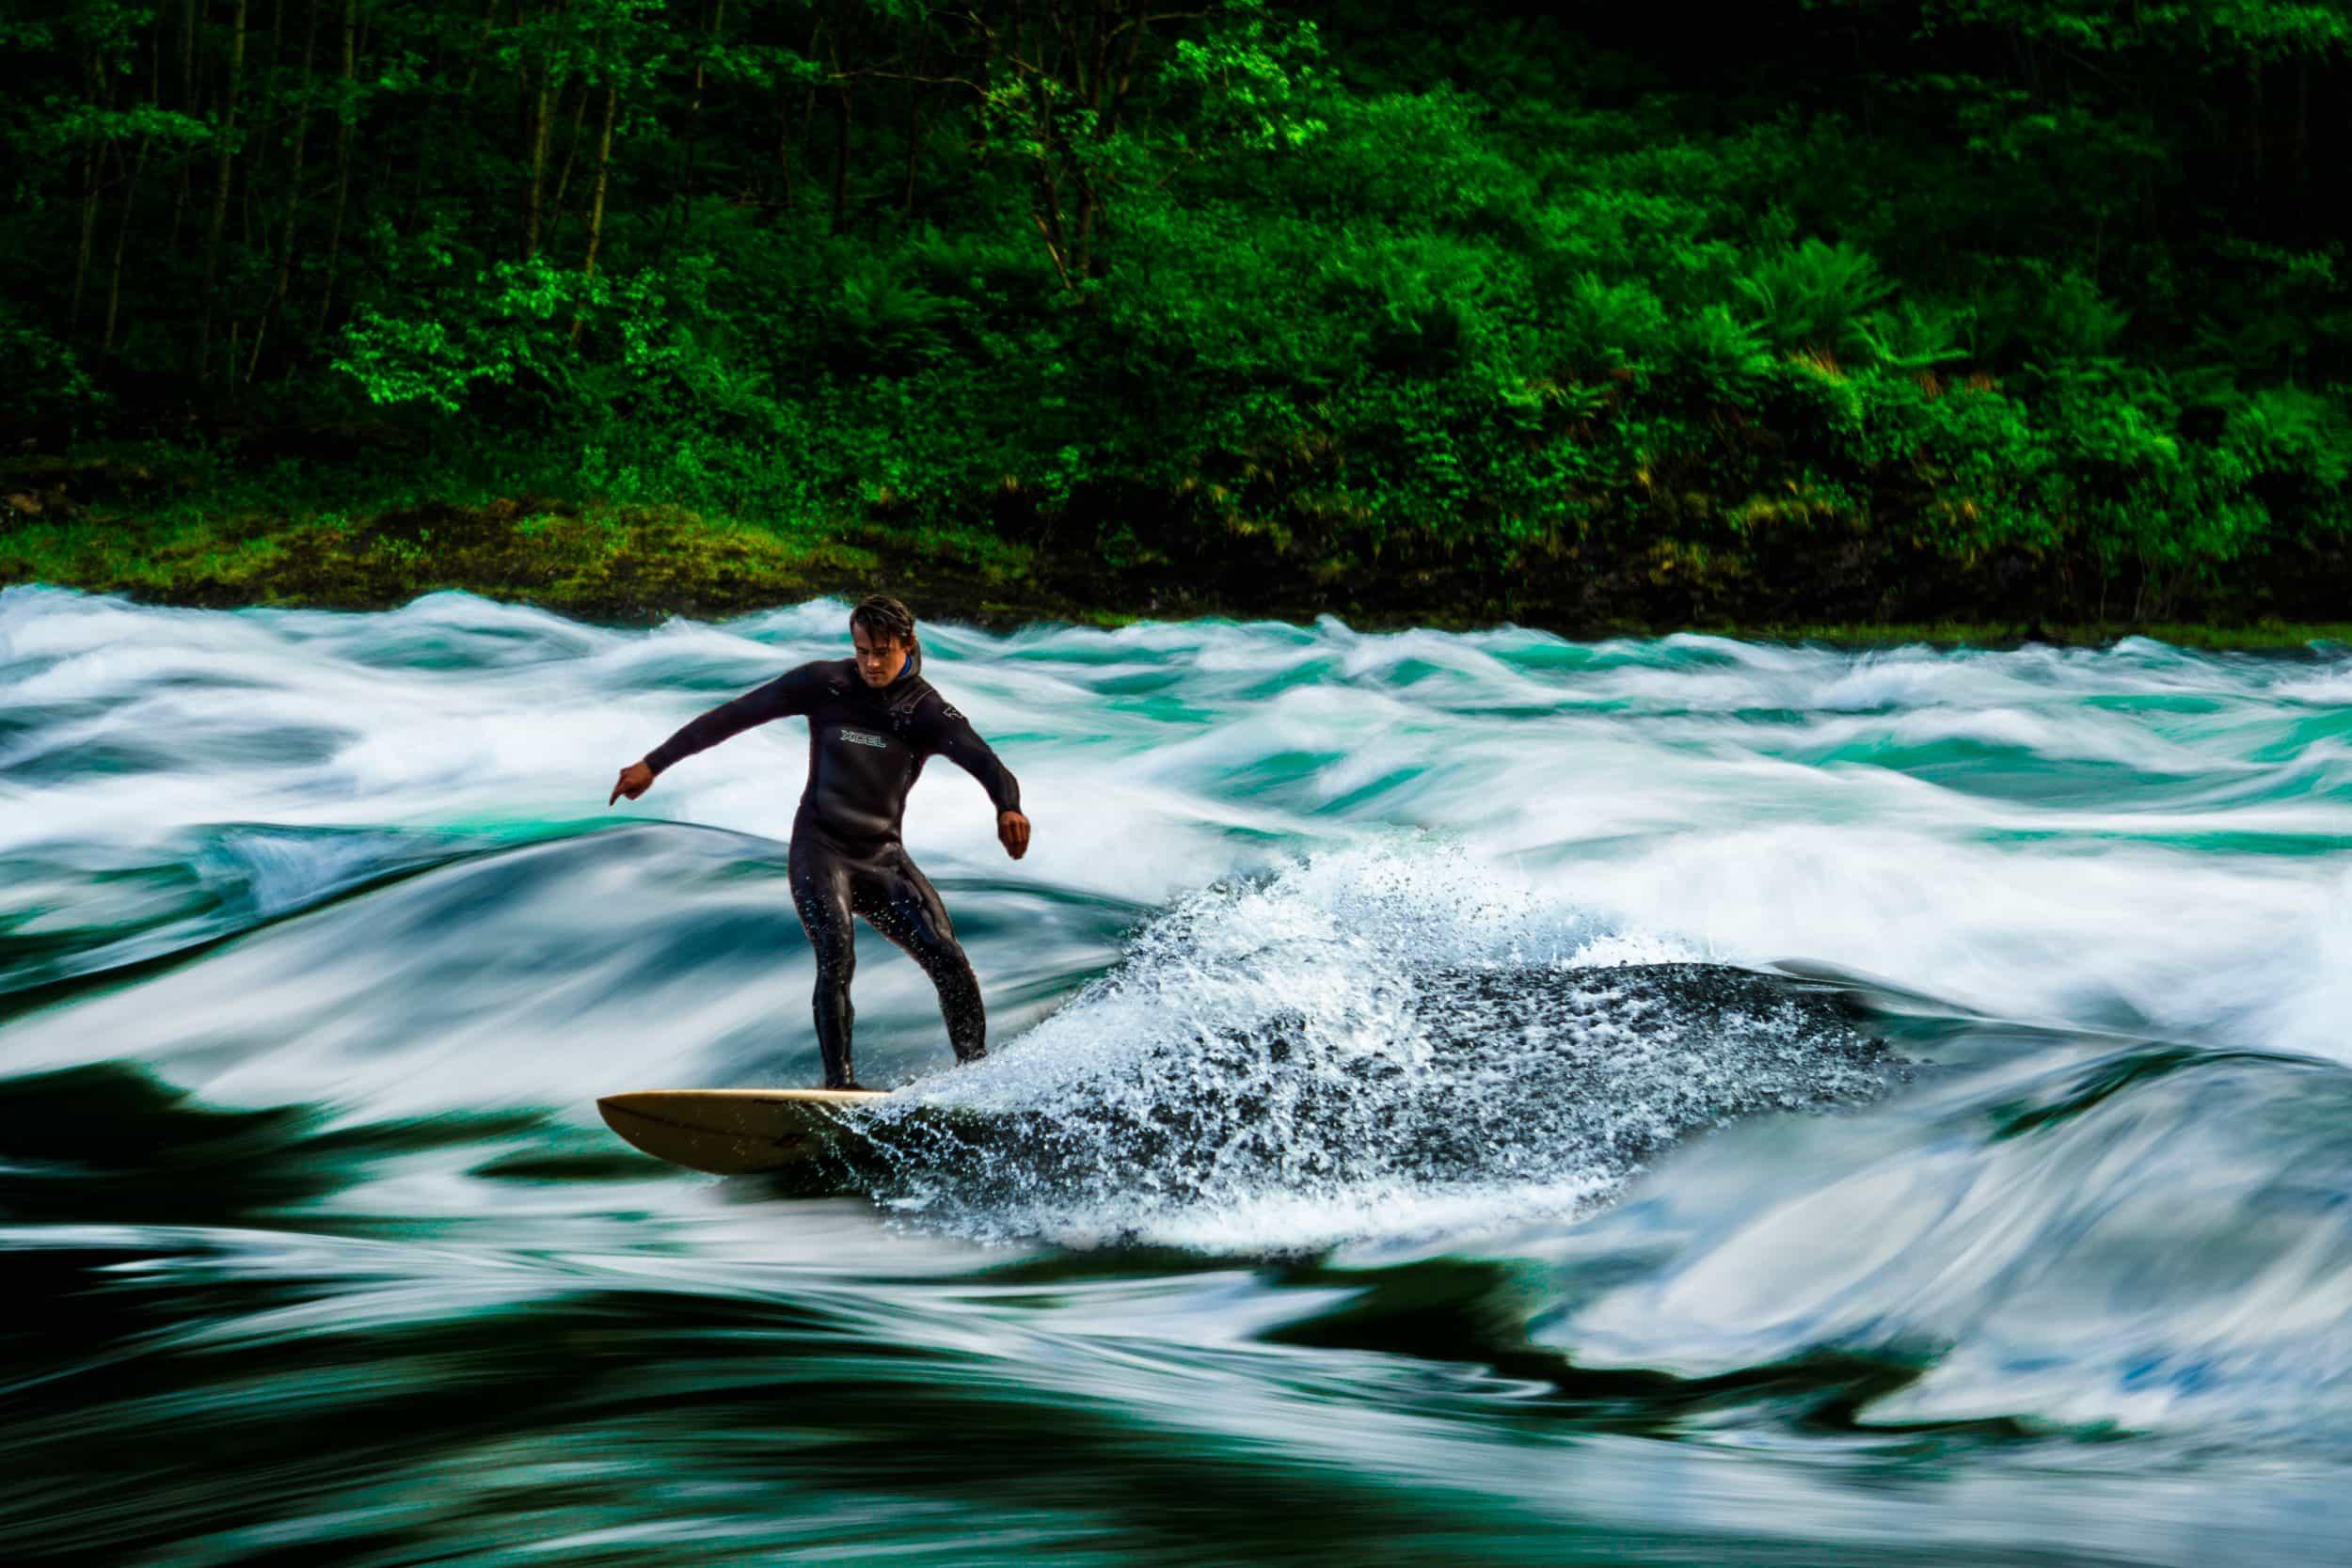 yrjan olsnes - 14.06.17 Voss. surfer Benjamin Forthun. kamera Sony A6000